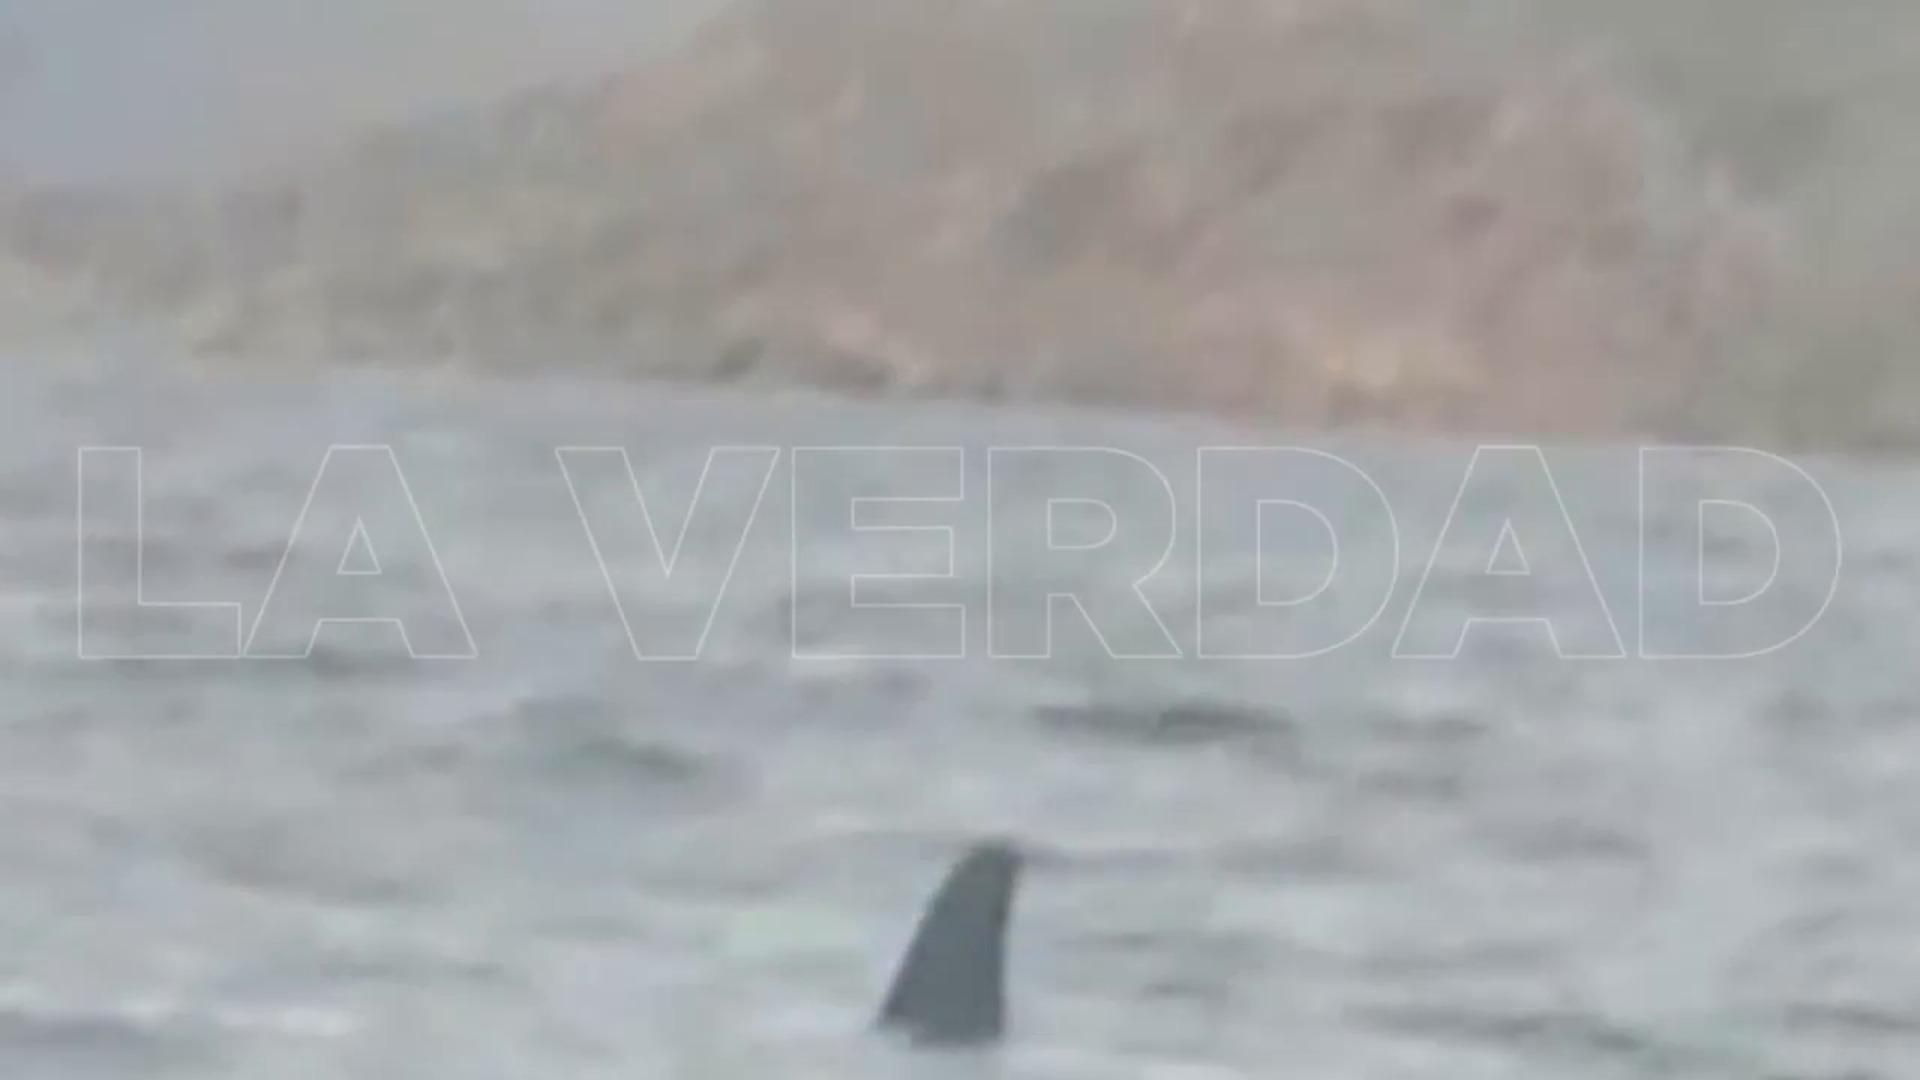 Aparece dos orcas en la costa de Cartagena